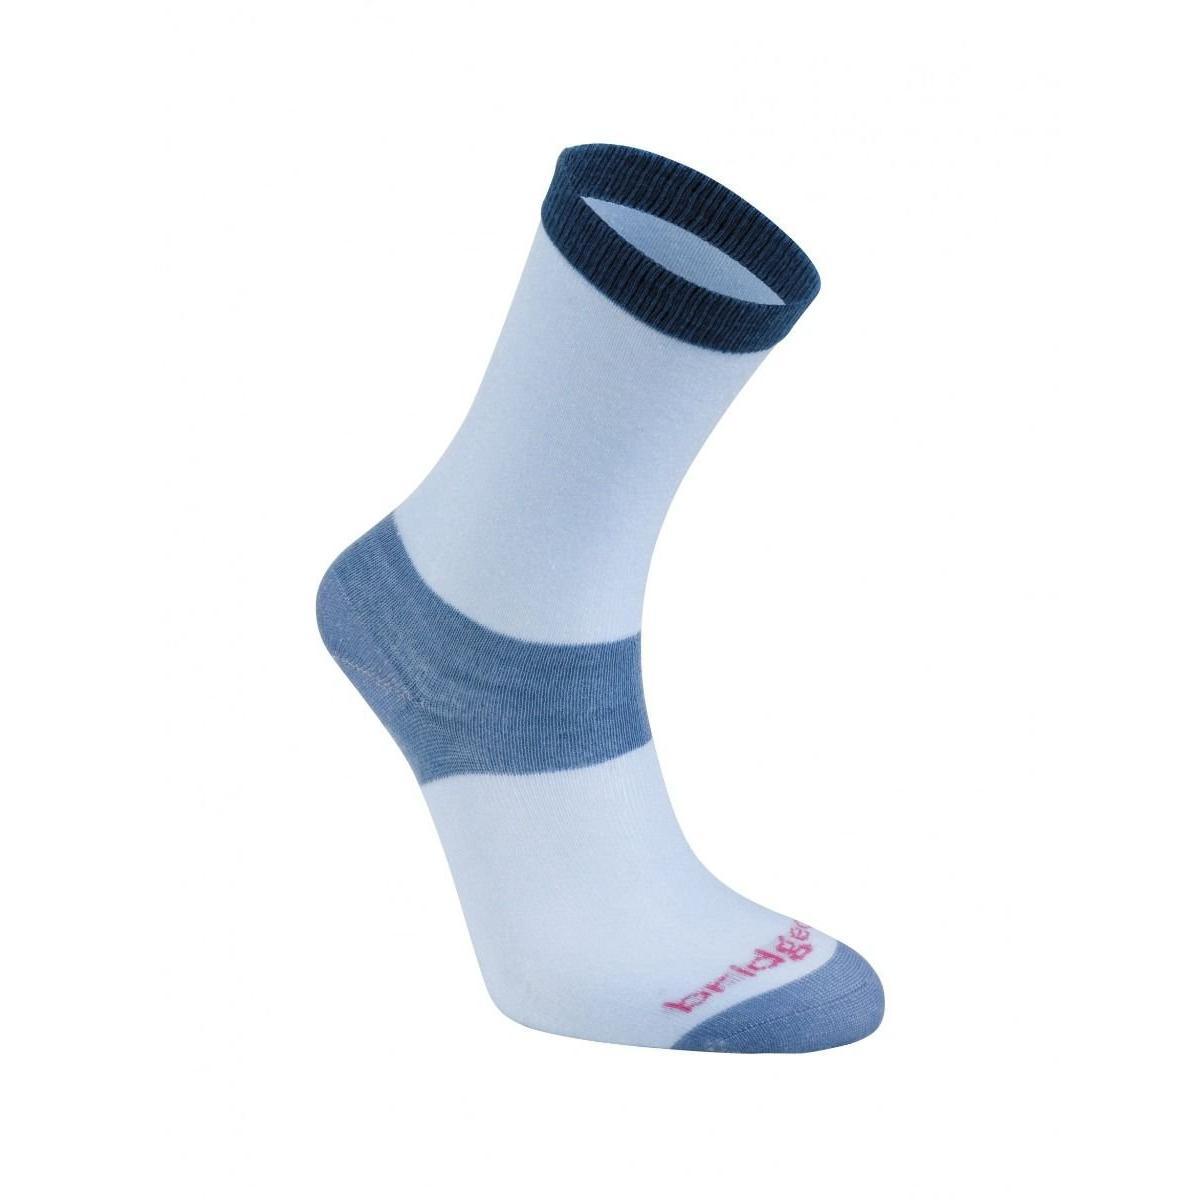 Bridgedale Women's Coolmax Liner Socks (2 Pack)